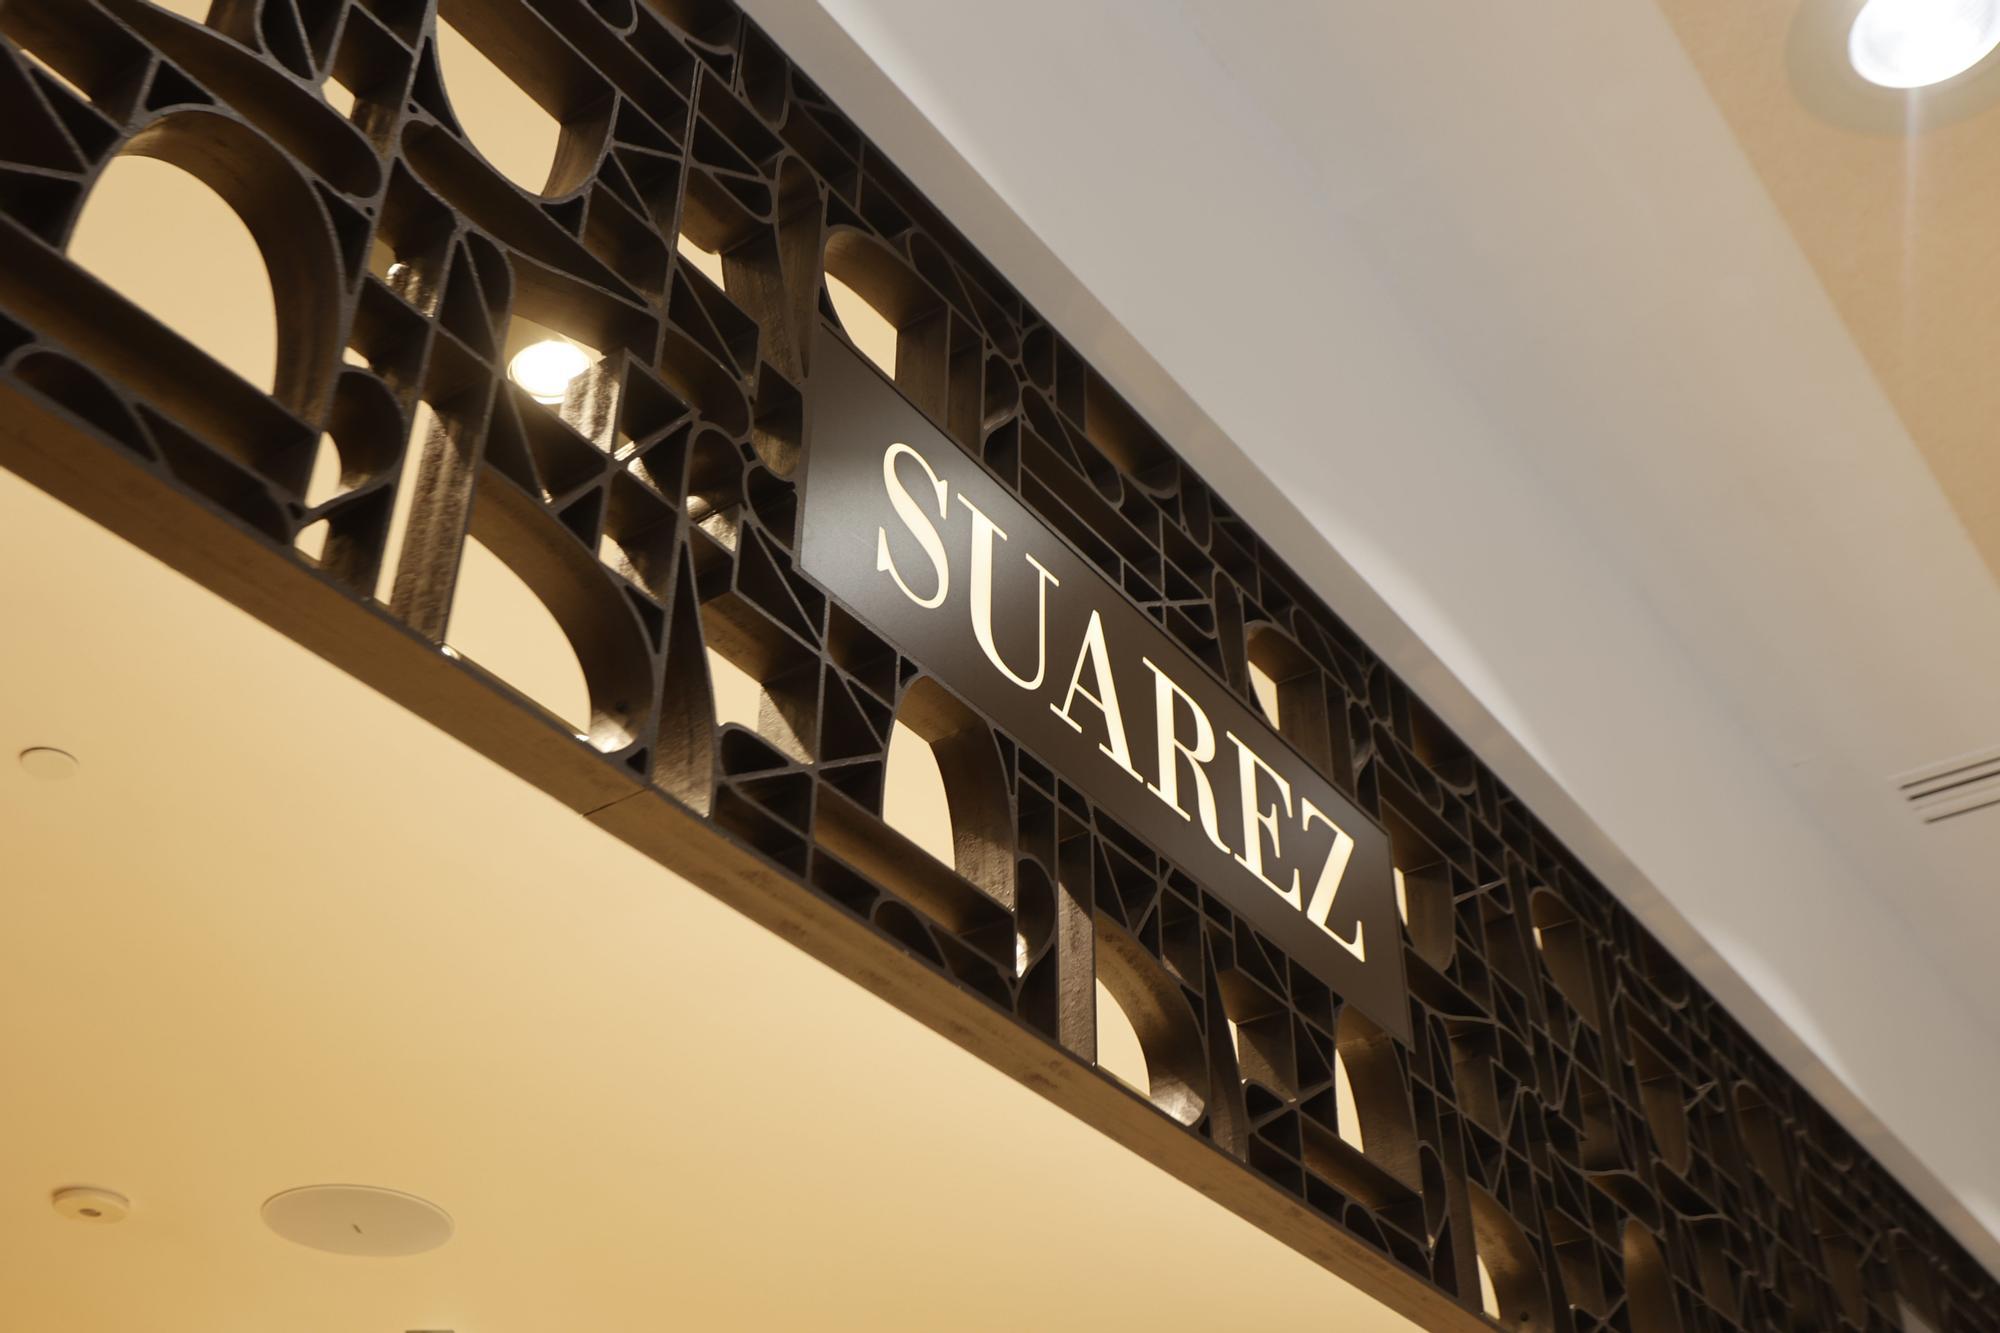 Abren una joyería Suarez en El Corte Inglés de avenida Francia